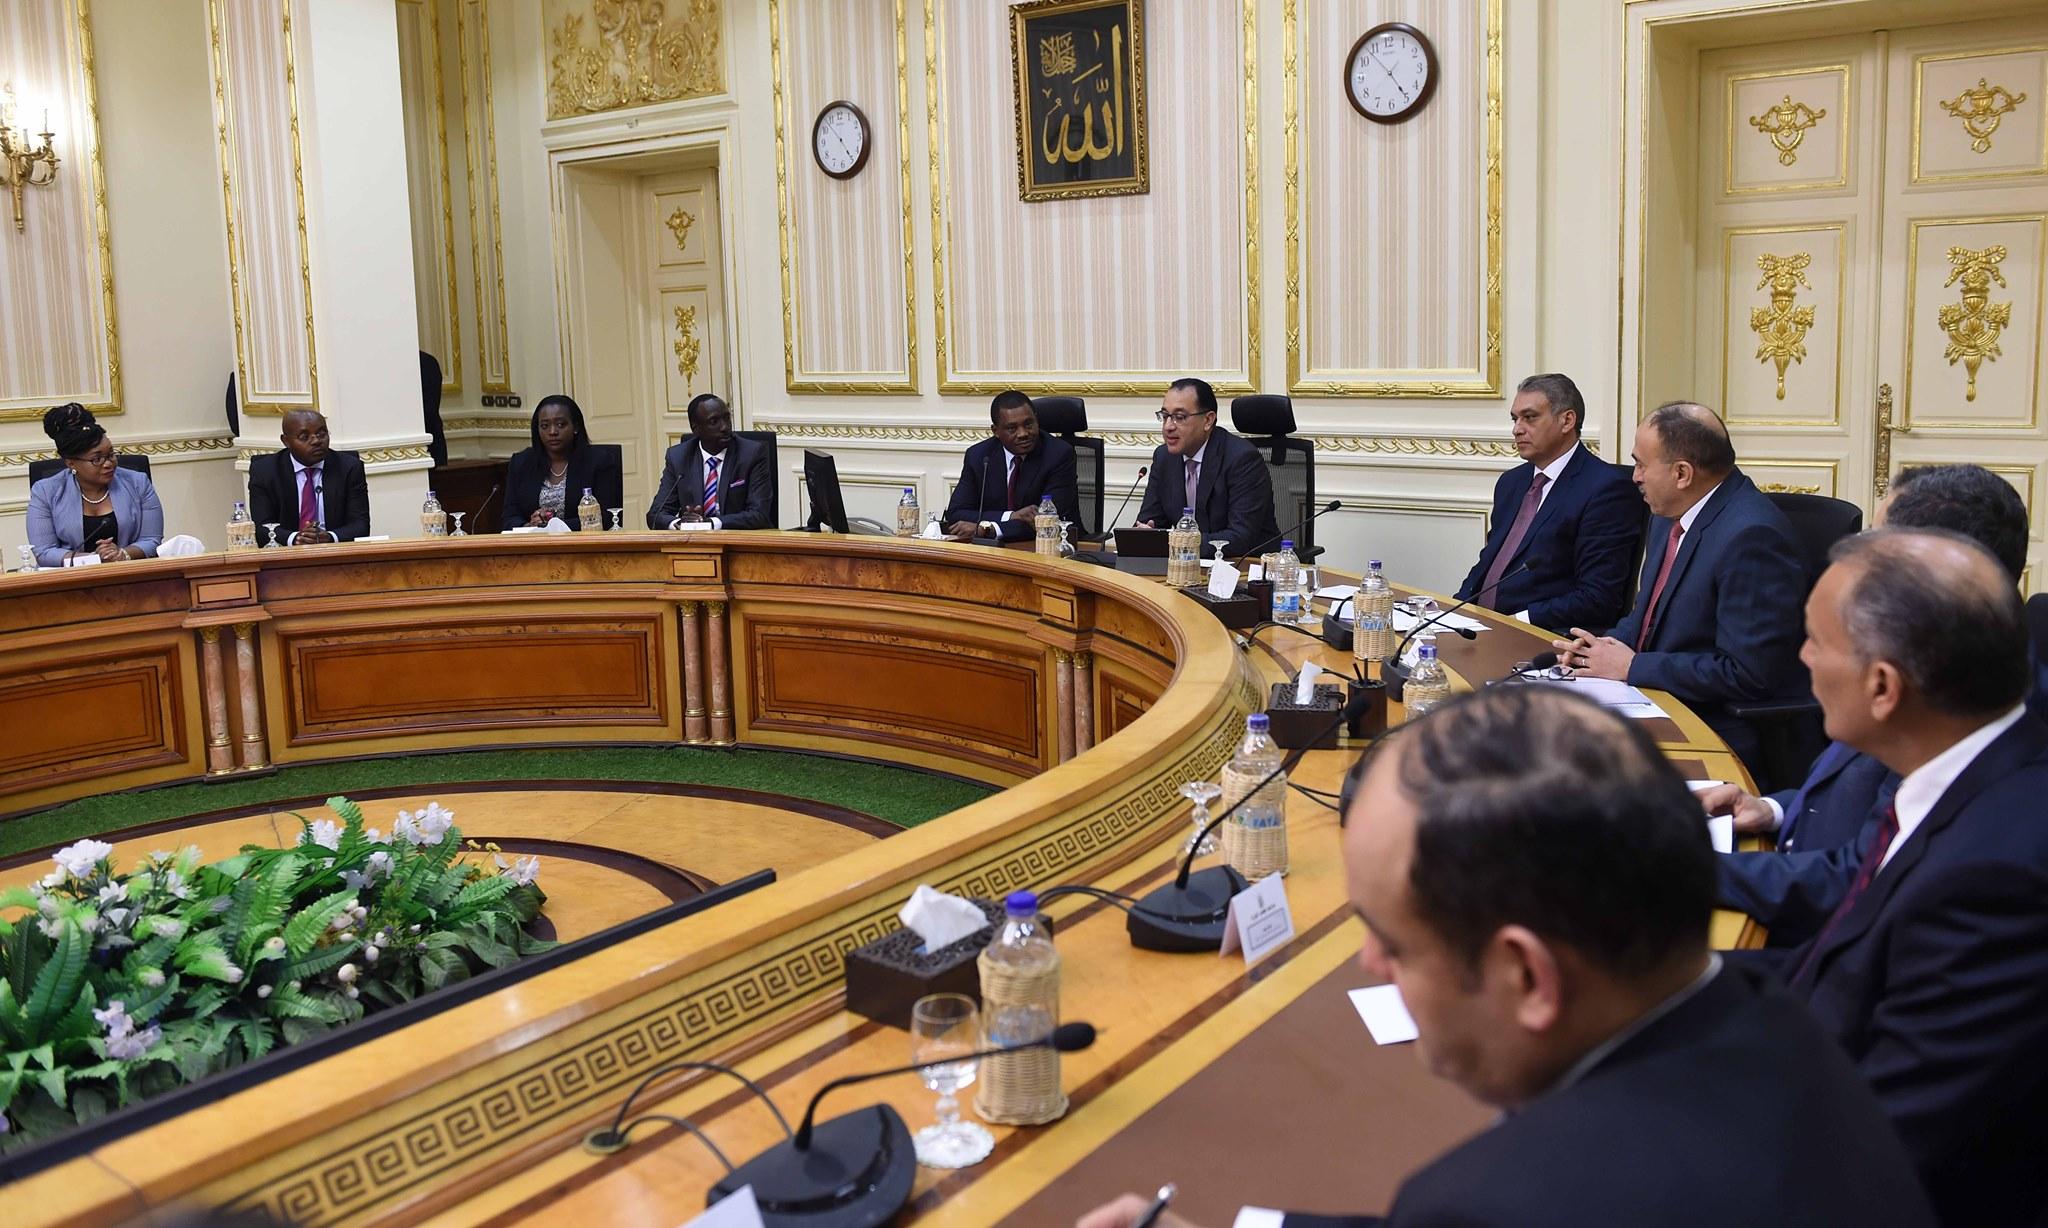 صور | رئيس الوزراء يبحث سبل تعزيز العلاقات الثنائية مع رئيس الجمعية الوطنية الكينية